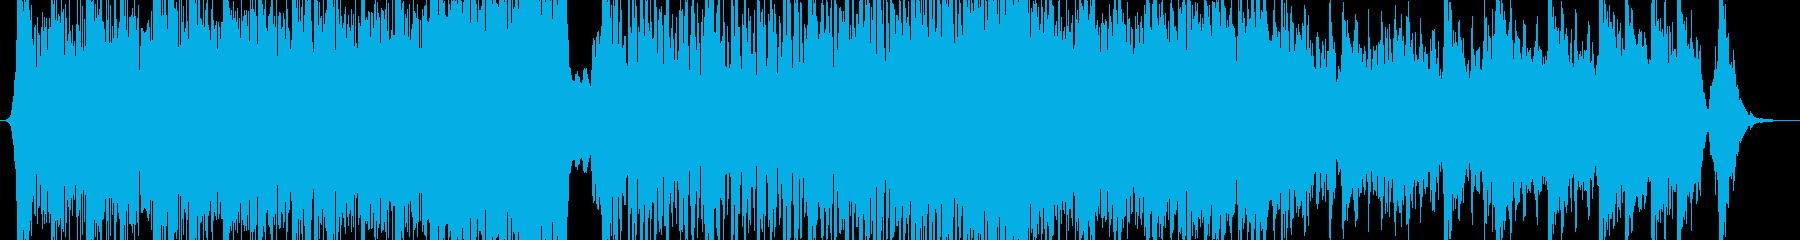 現代的 交響曲 モダン 室内楽 バ...の再生済みの波形